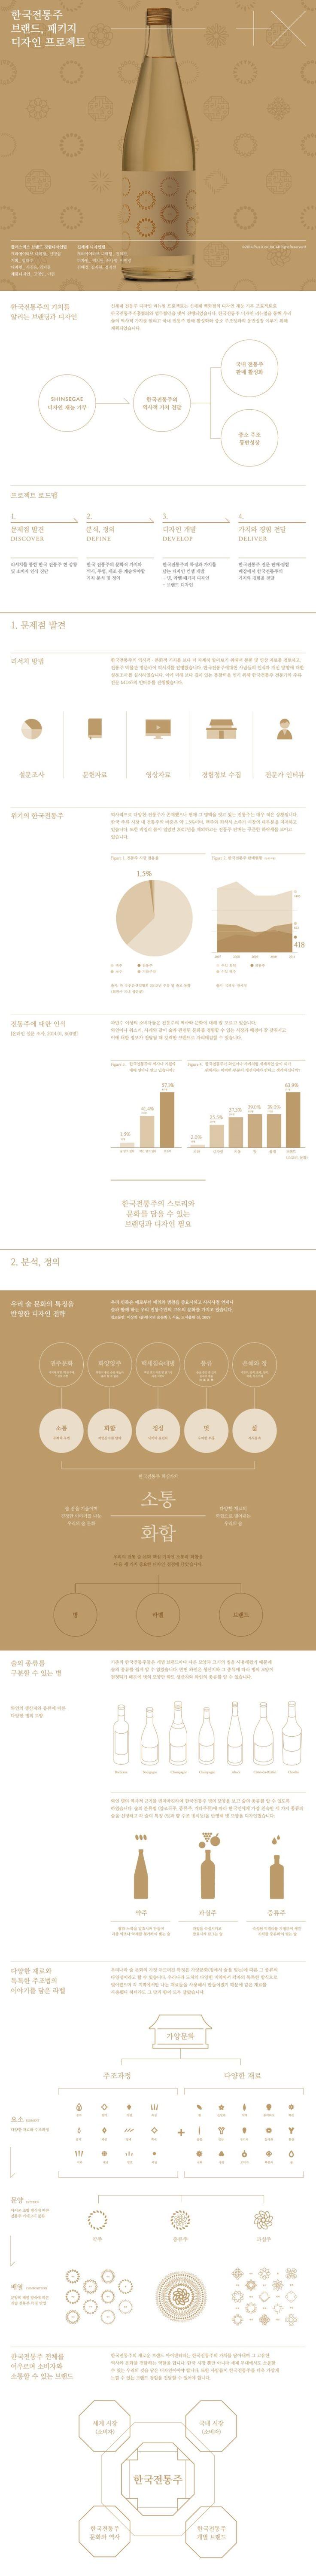 한국 전통주 브랜드 경험디자인 프로젝트신세계 전통주 디자인 리뉴얼 프로젝트는 신세계 백화점의 디자인 ...